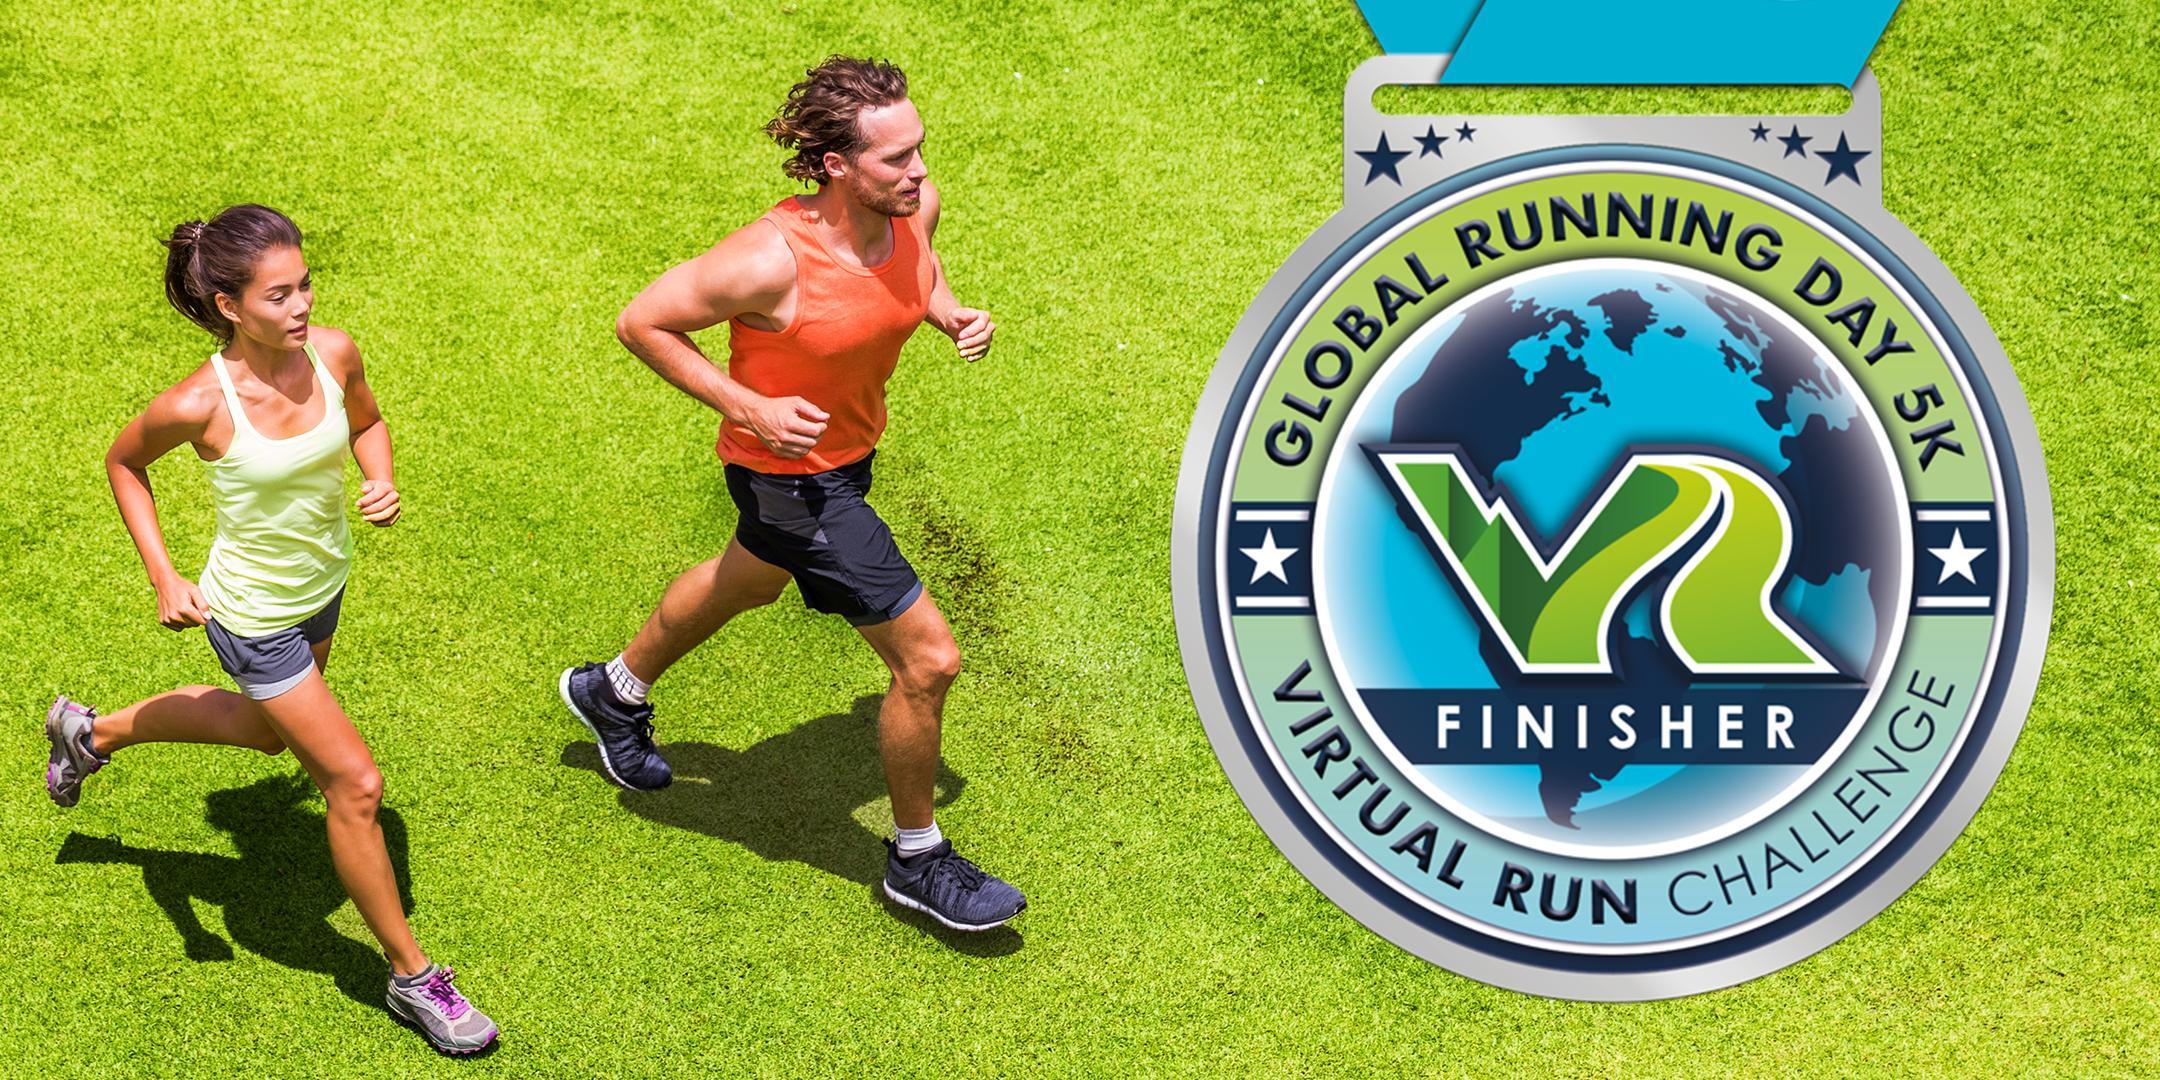 2020 Global Running Day Free Virtual 5k - Evansville